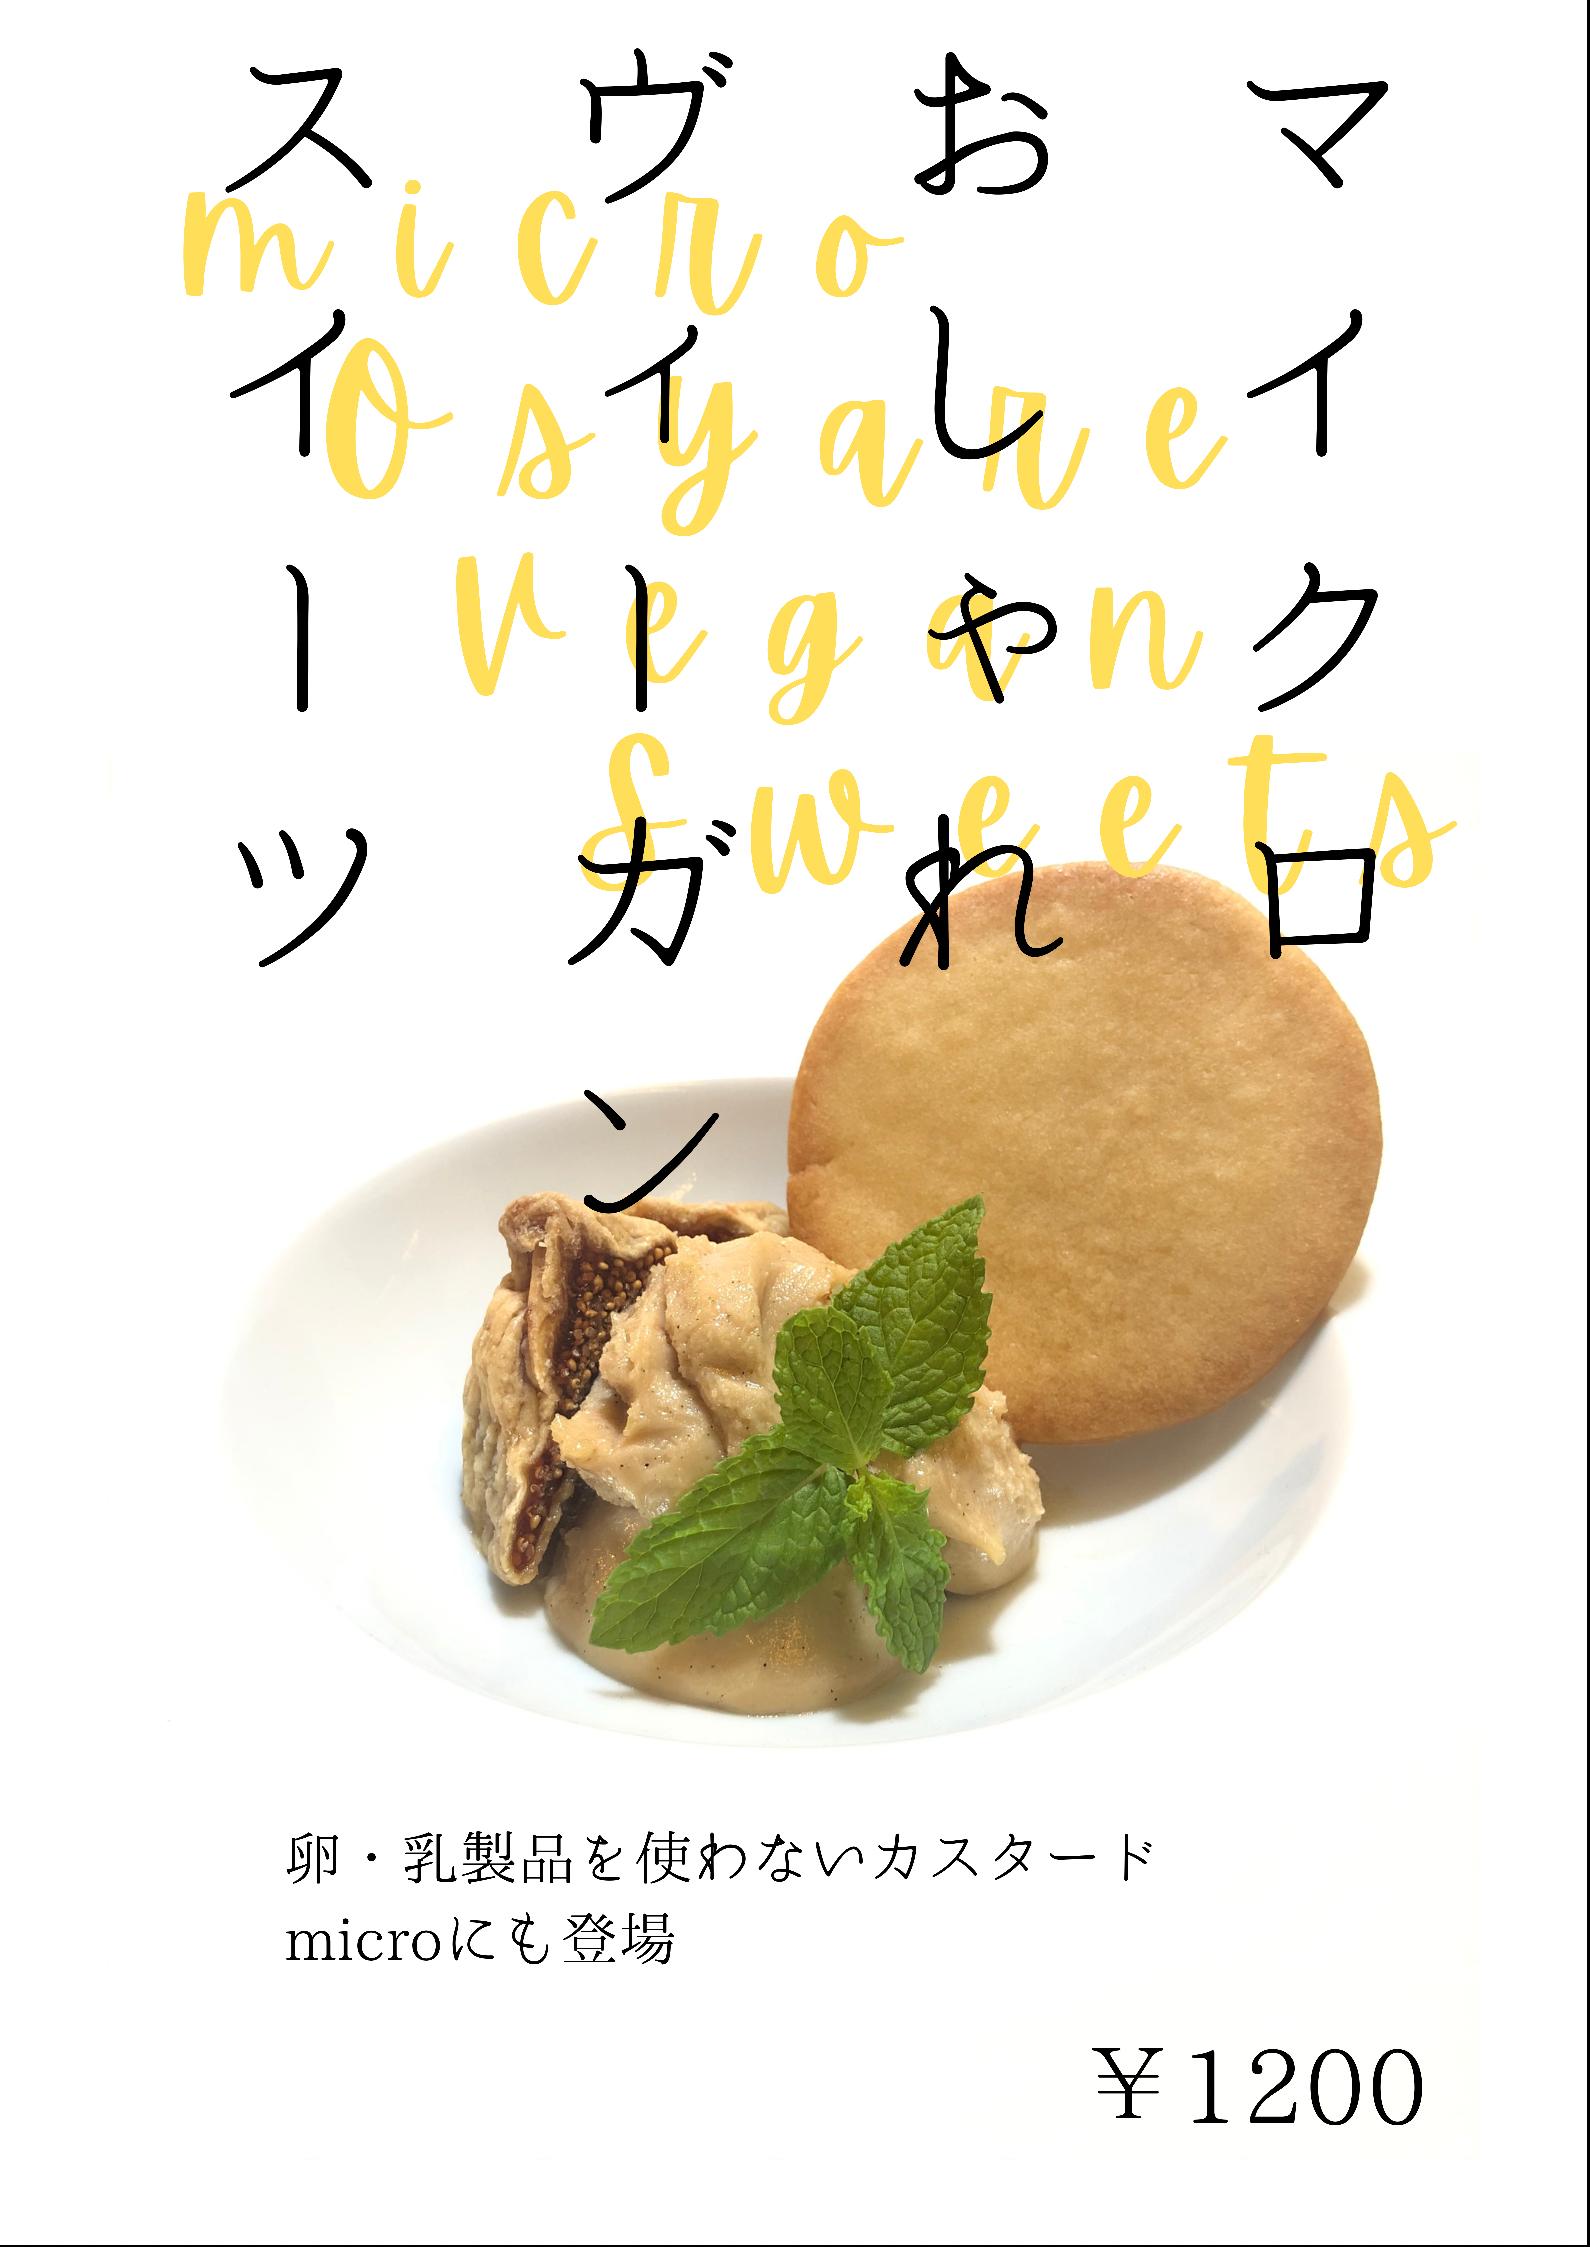 【新商品のお知らせ】卵・乳製品を使わないヴィーガンスイーツがmicroに登場!(7/5〜)のイメージ画像